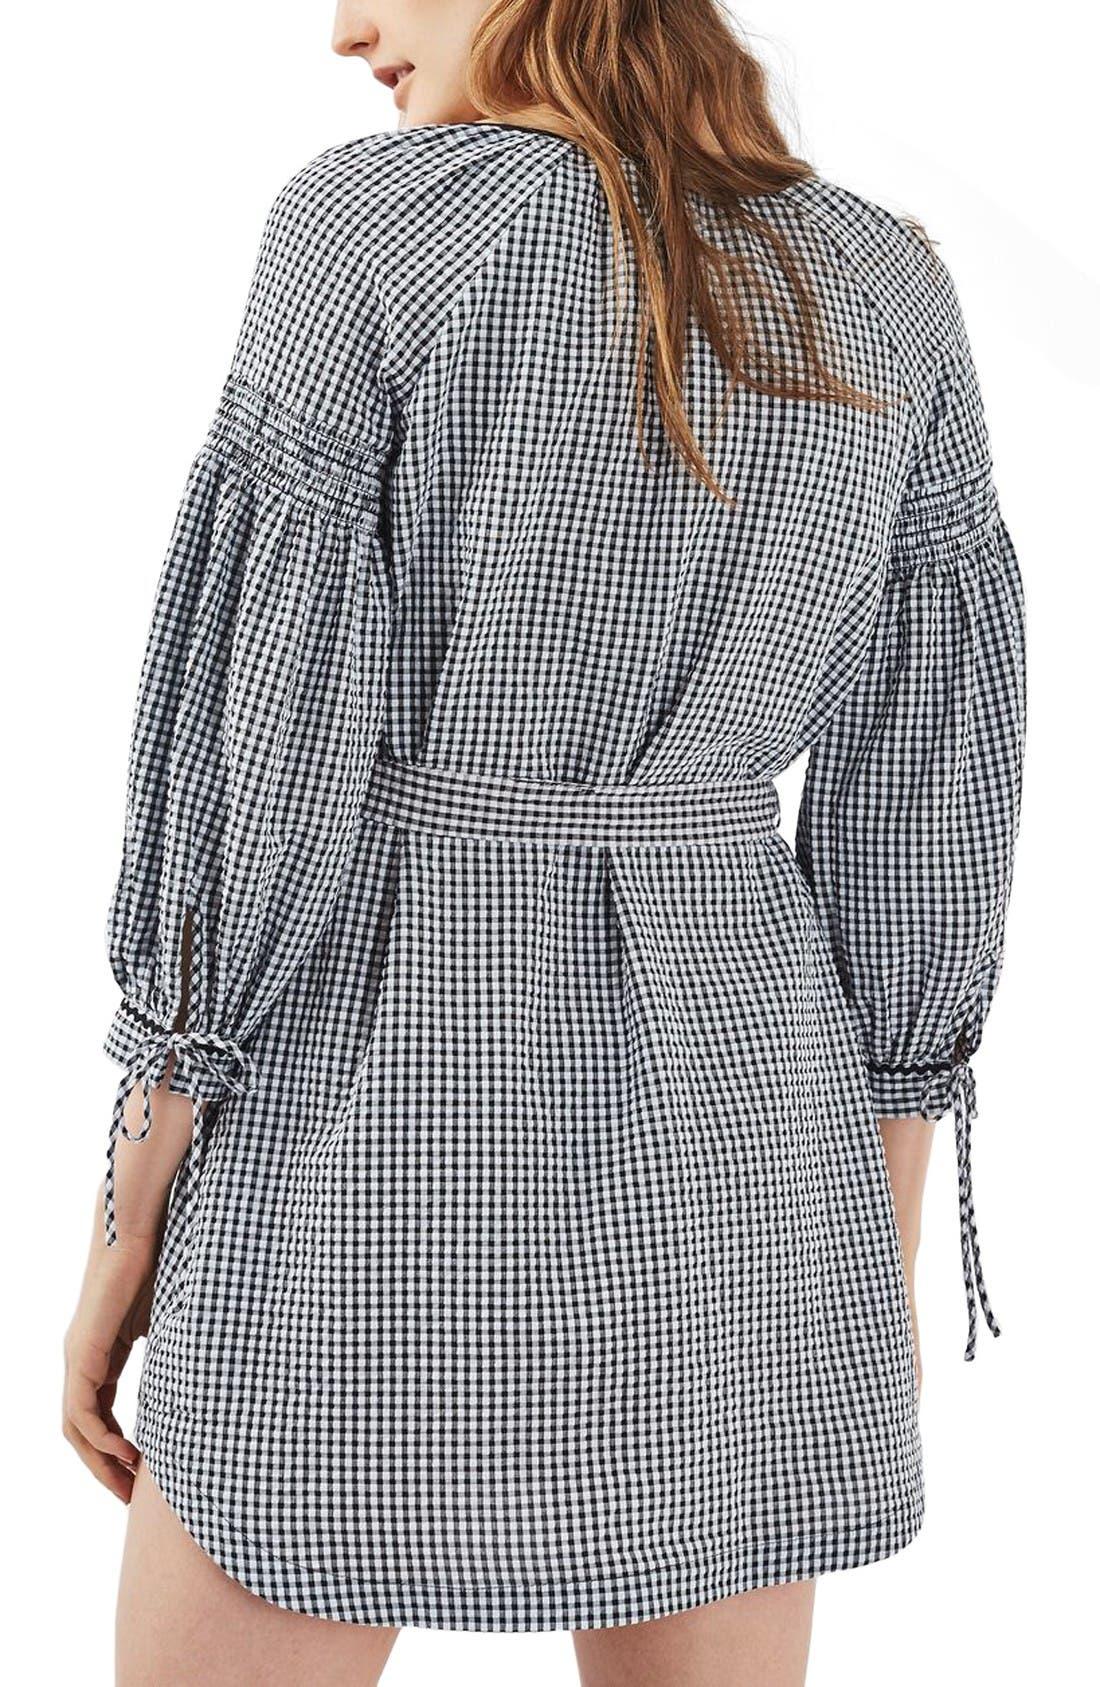 Alternate Image 3  - Topshop Gingham Smock Dress